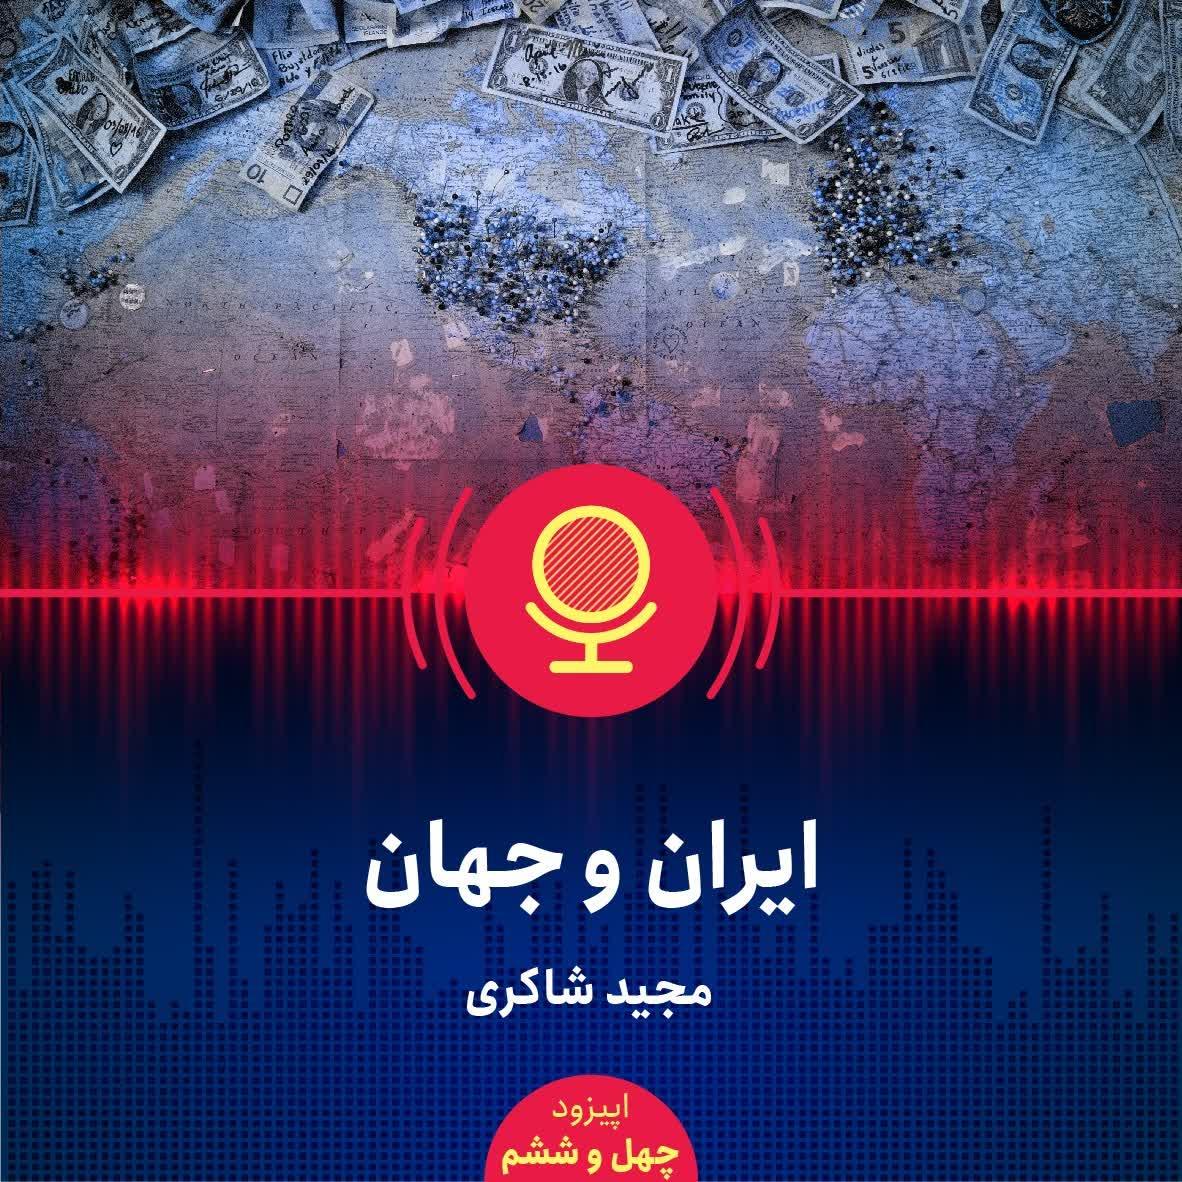 مواجهه صحیح اقتصادی ایران با جهان چگونه باید باشد؟